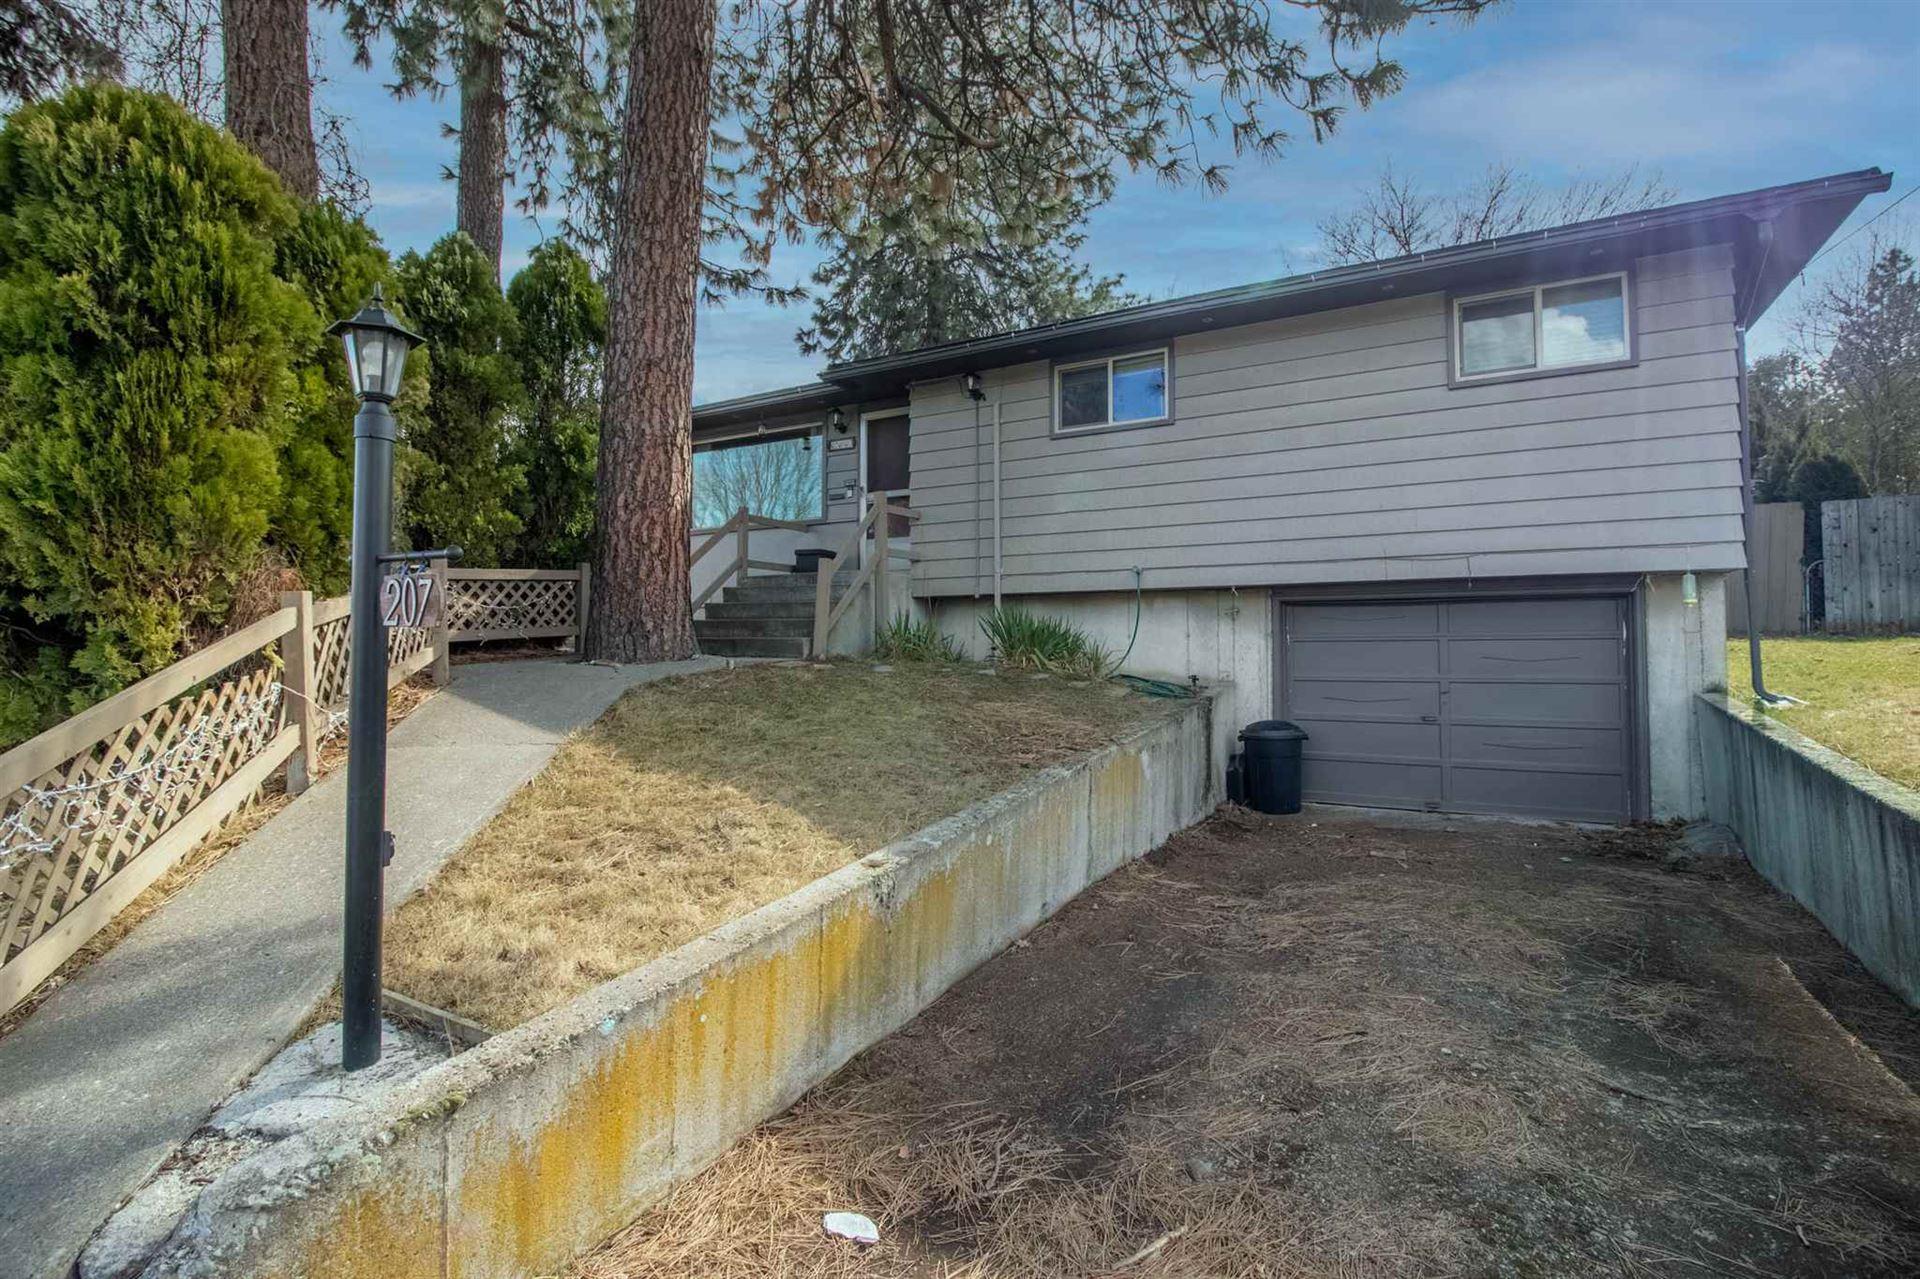 207 W Lyons Ave, Spokane, WA 99223-6011 - #: 202112565